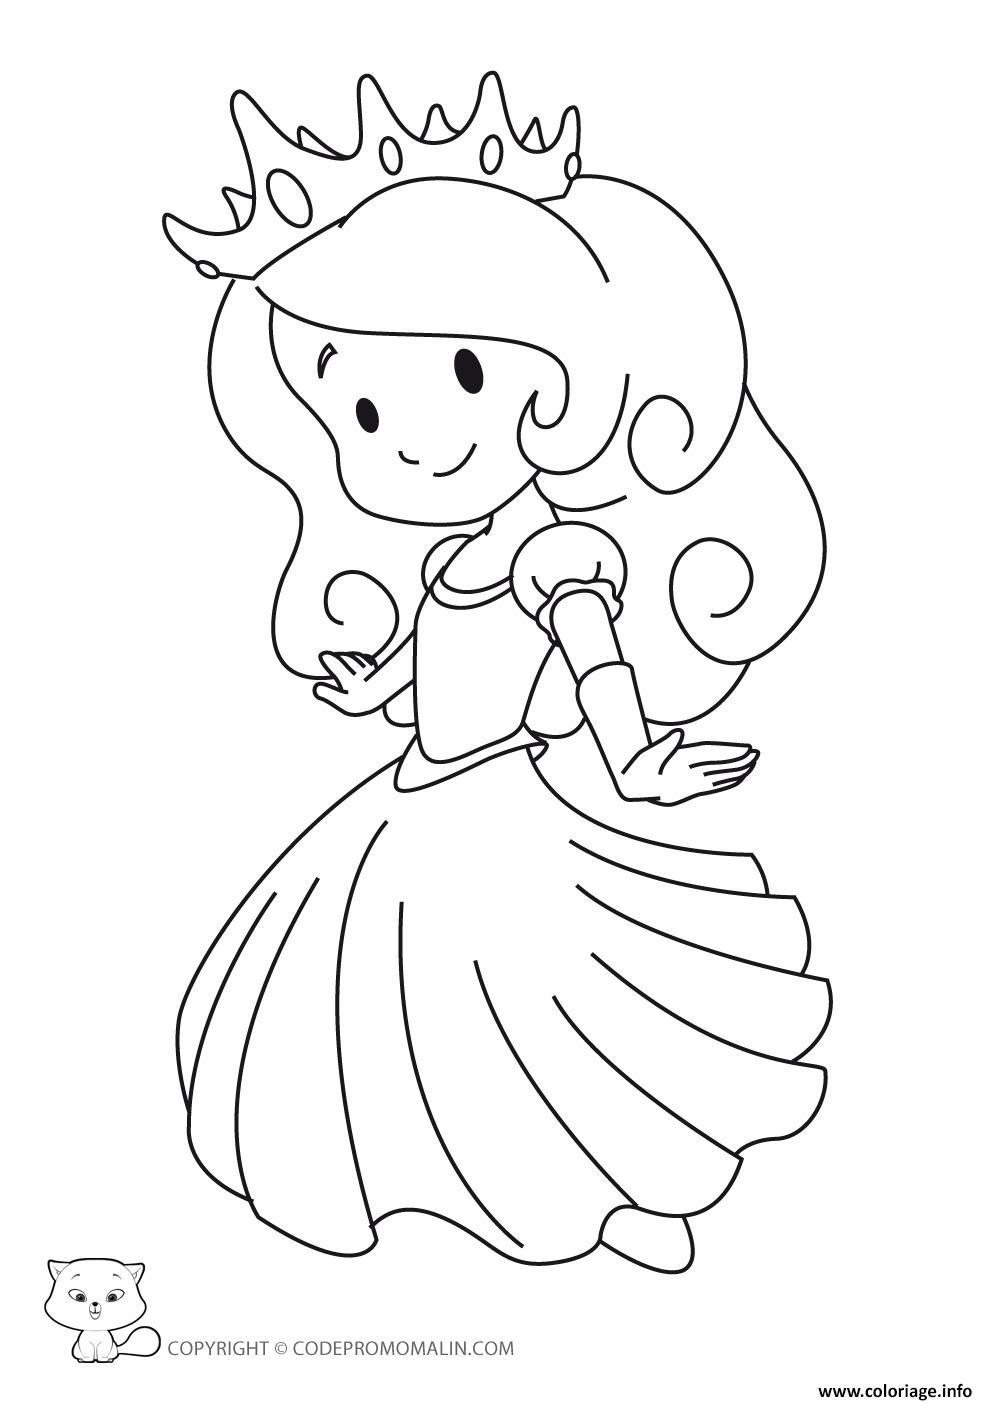 Coloriage Disney Princesse 60 dessin